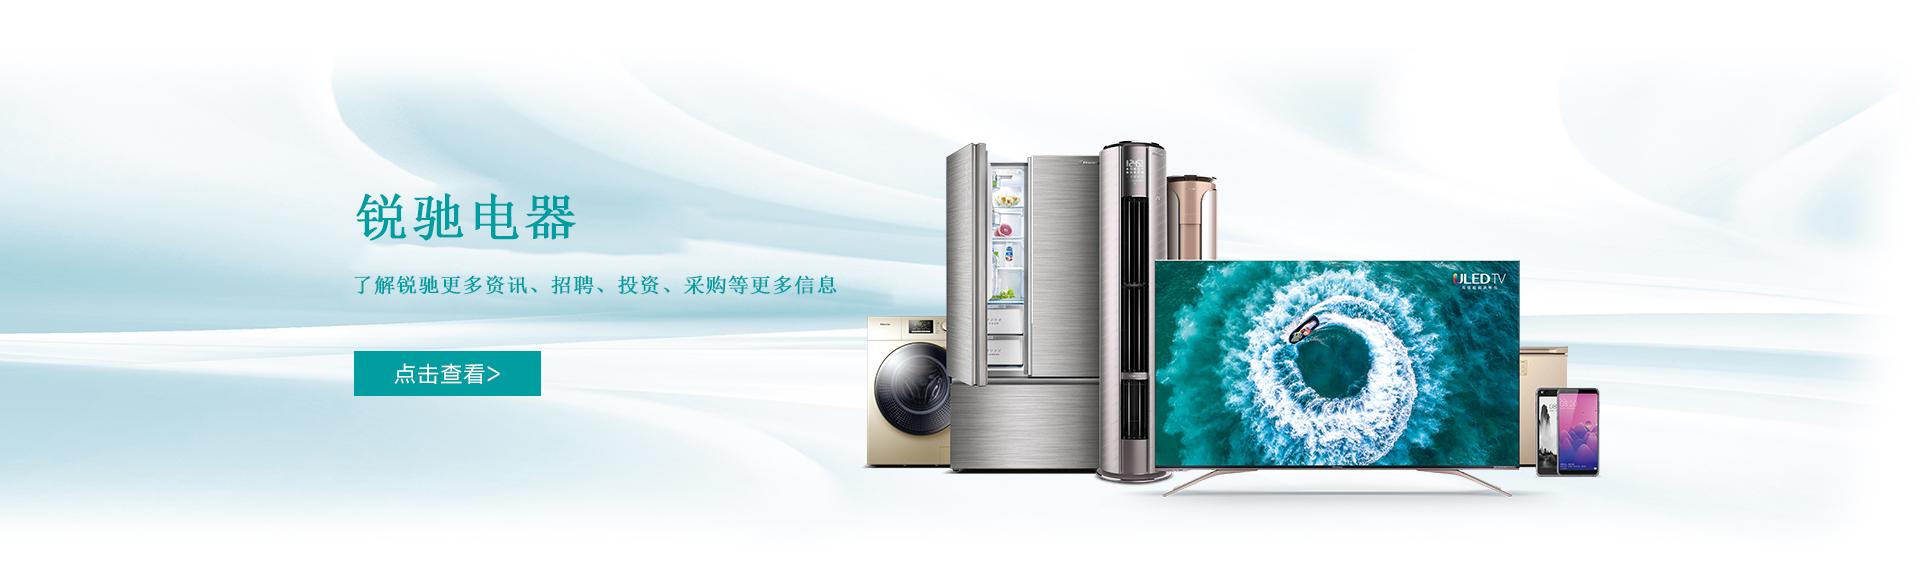 重庆海信中央空调